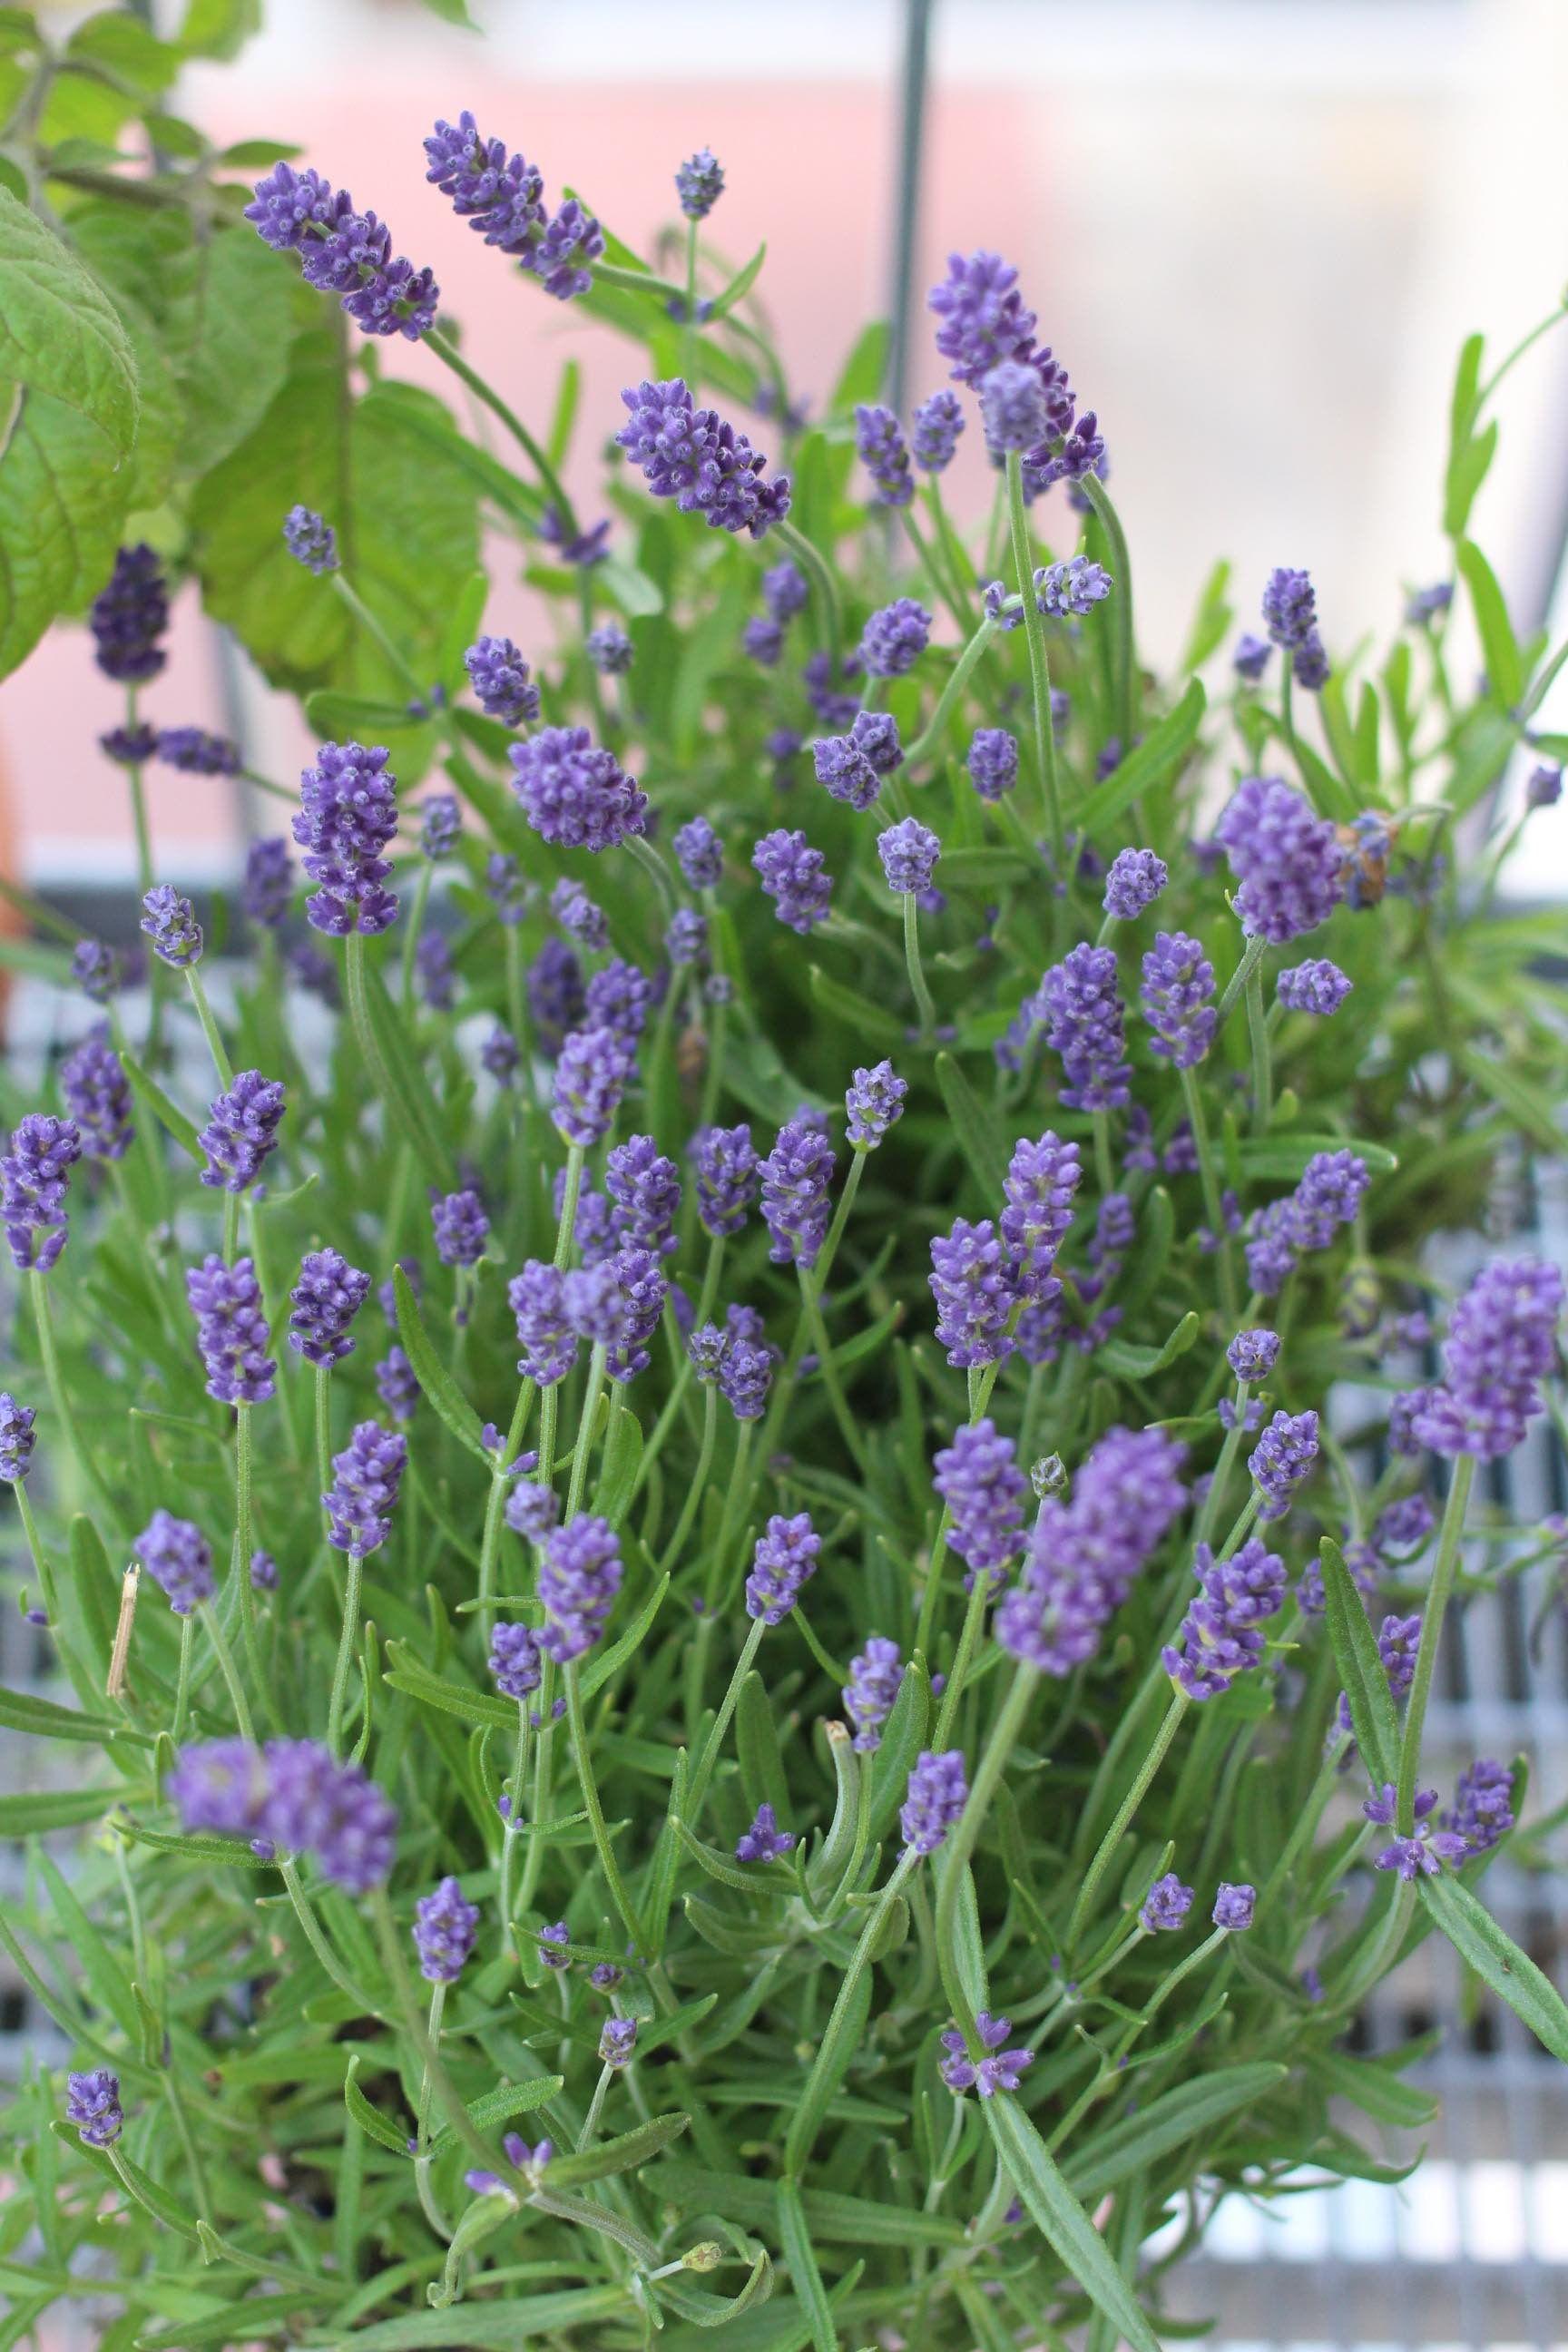 Bienenweide Auf Dem Balkon Anlegen Garten Fraulein Pflanzen Lavendel Balkon Bienenfreundliche Pflanzen